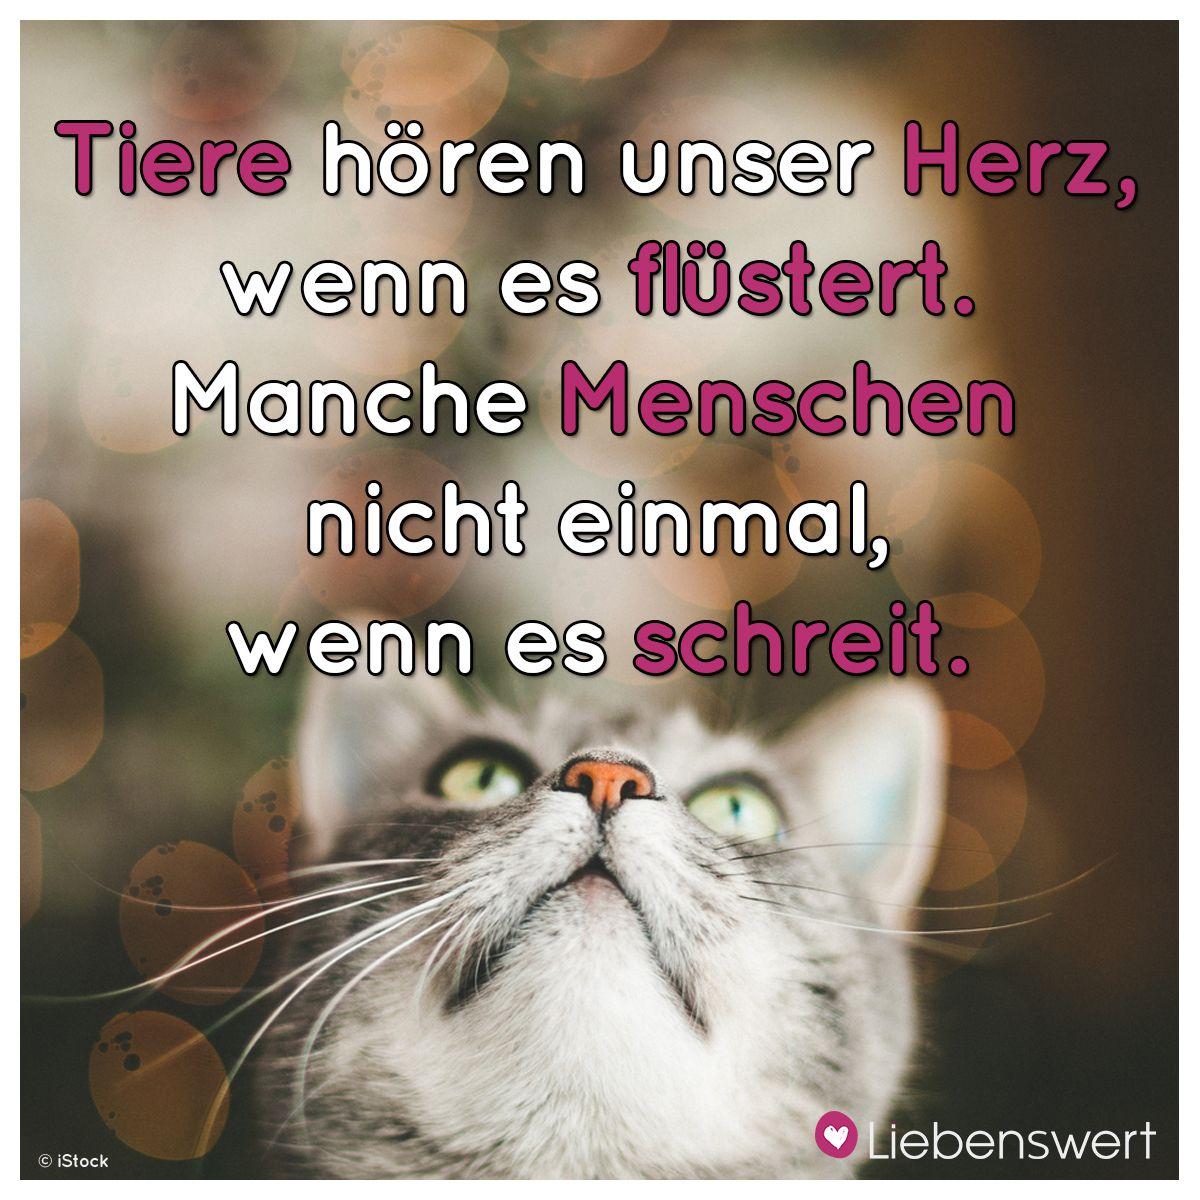 Sprüche Tiere Liebe Zitate Trauer Tiere 2019 10 31